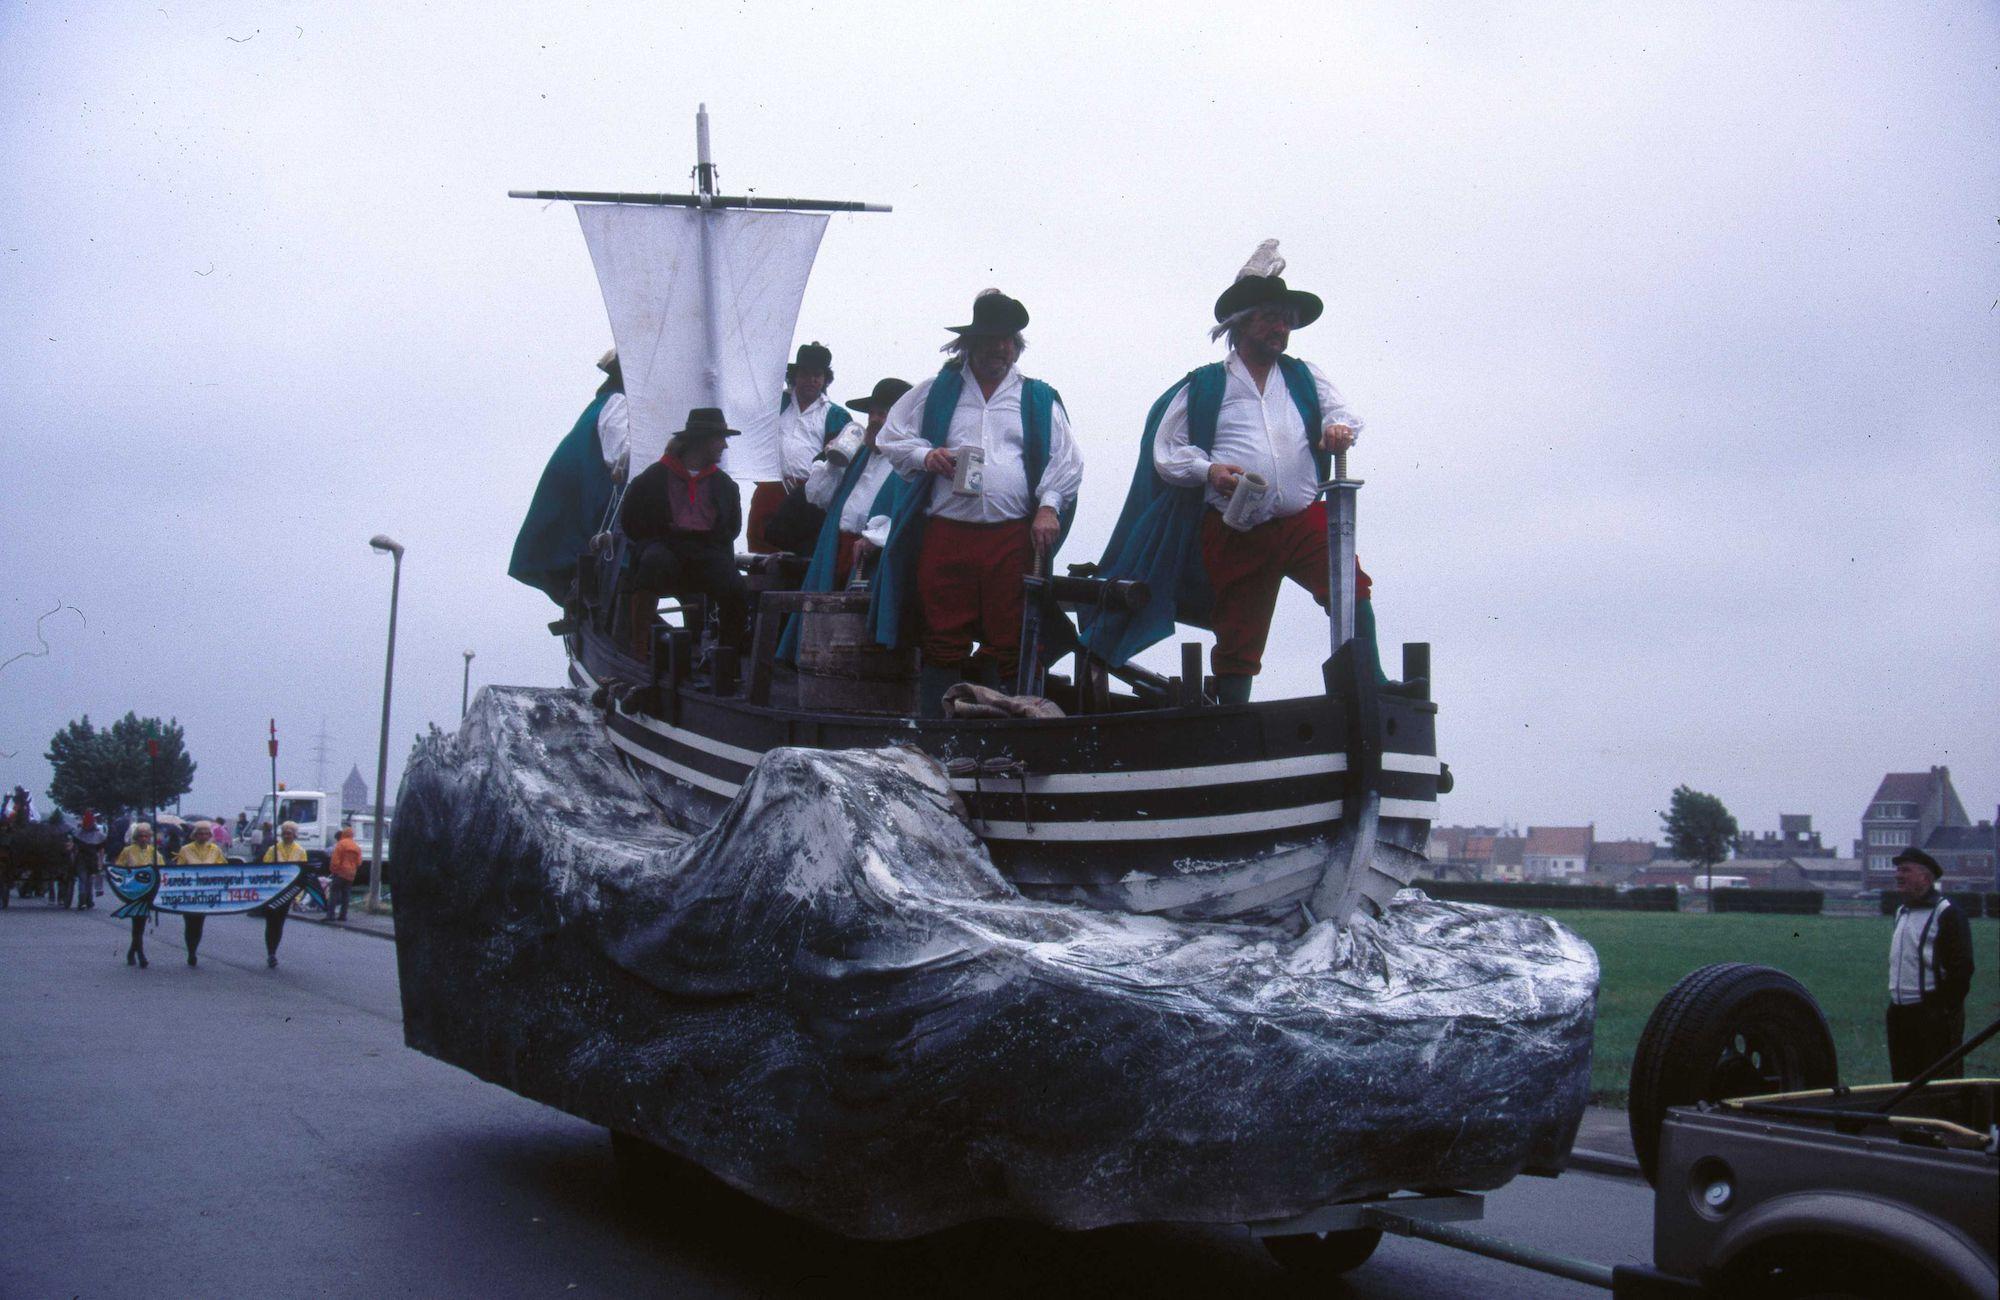 negende vissersstoet - foto uit het stadsarchief van Oostende